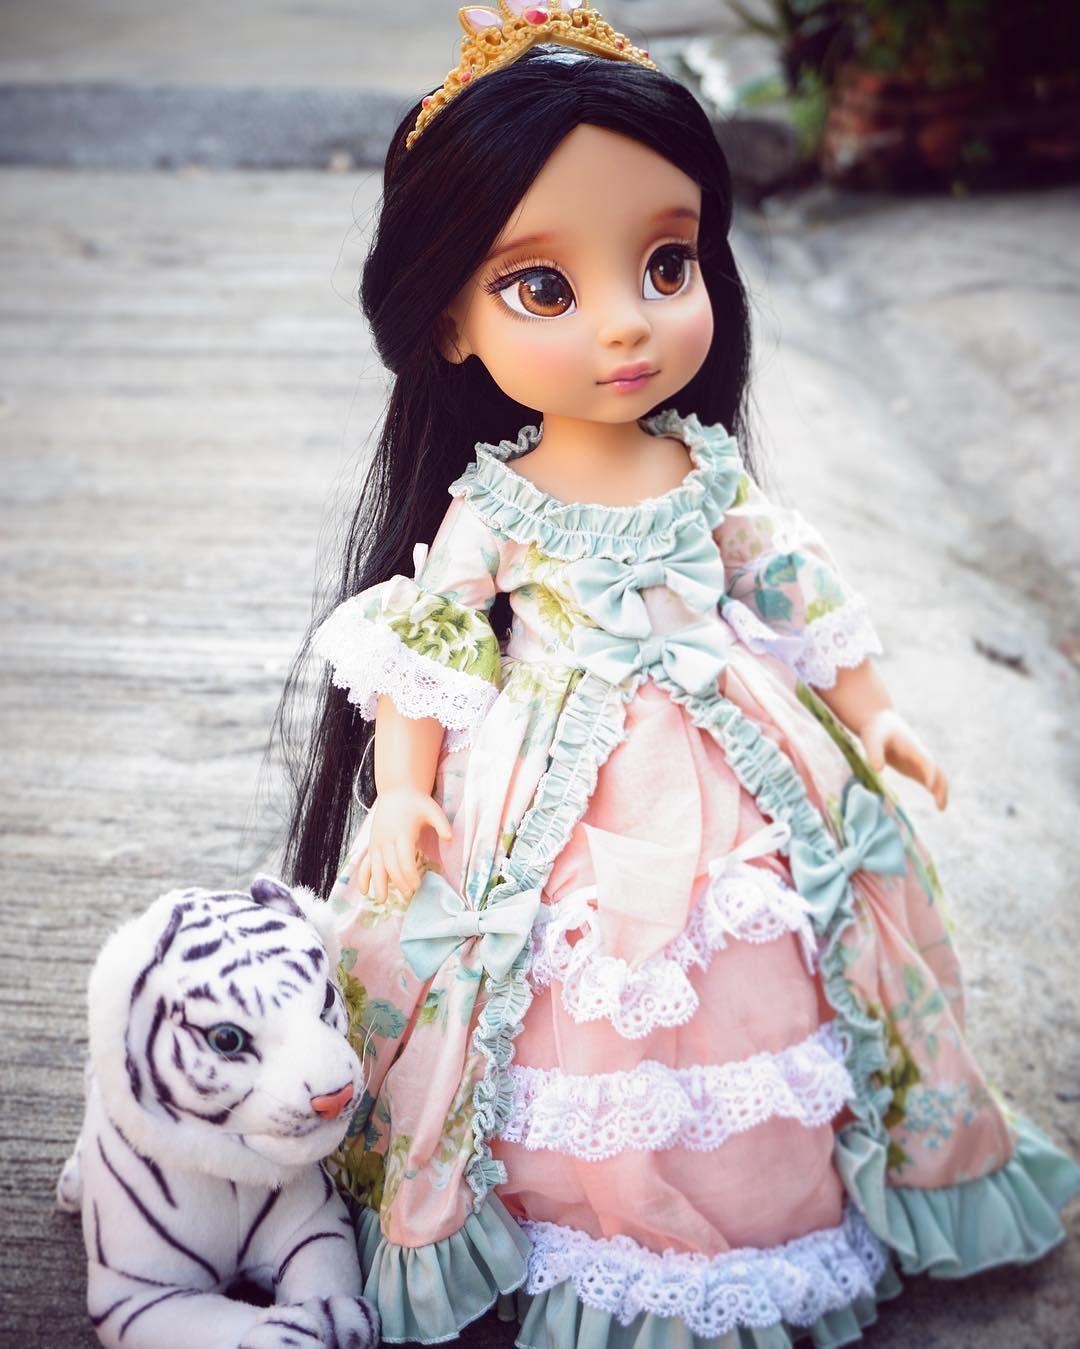 La Imagen Puede Contener 2 Personas Disfraces De Barbie Disney Animators Cosas Caseras